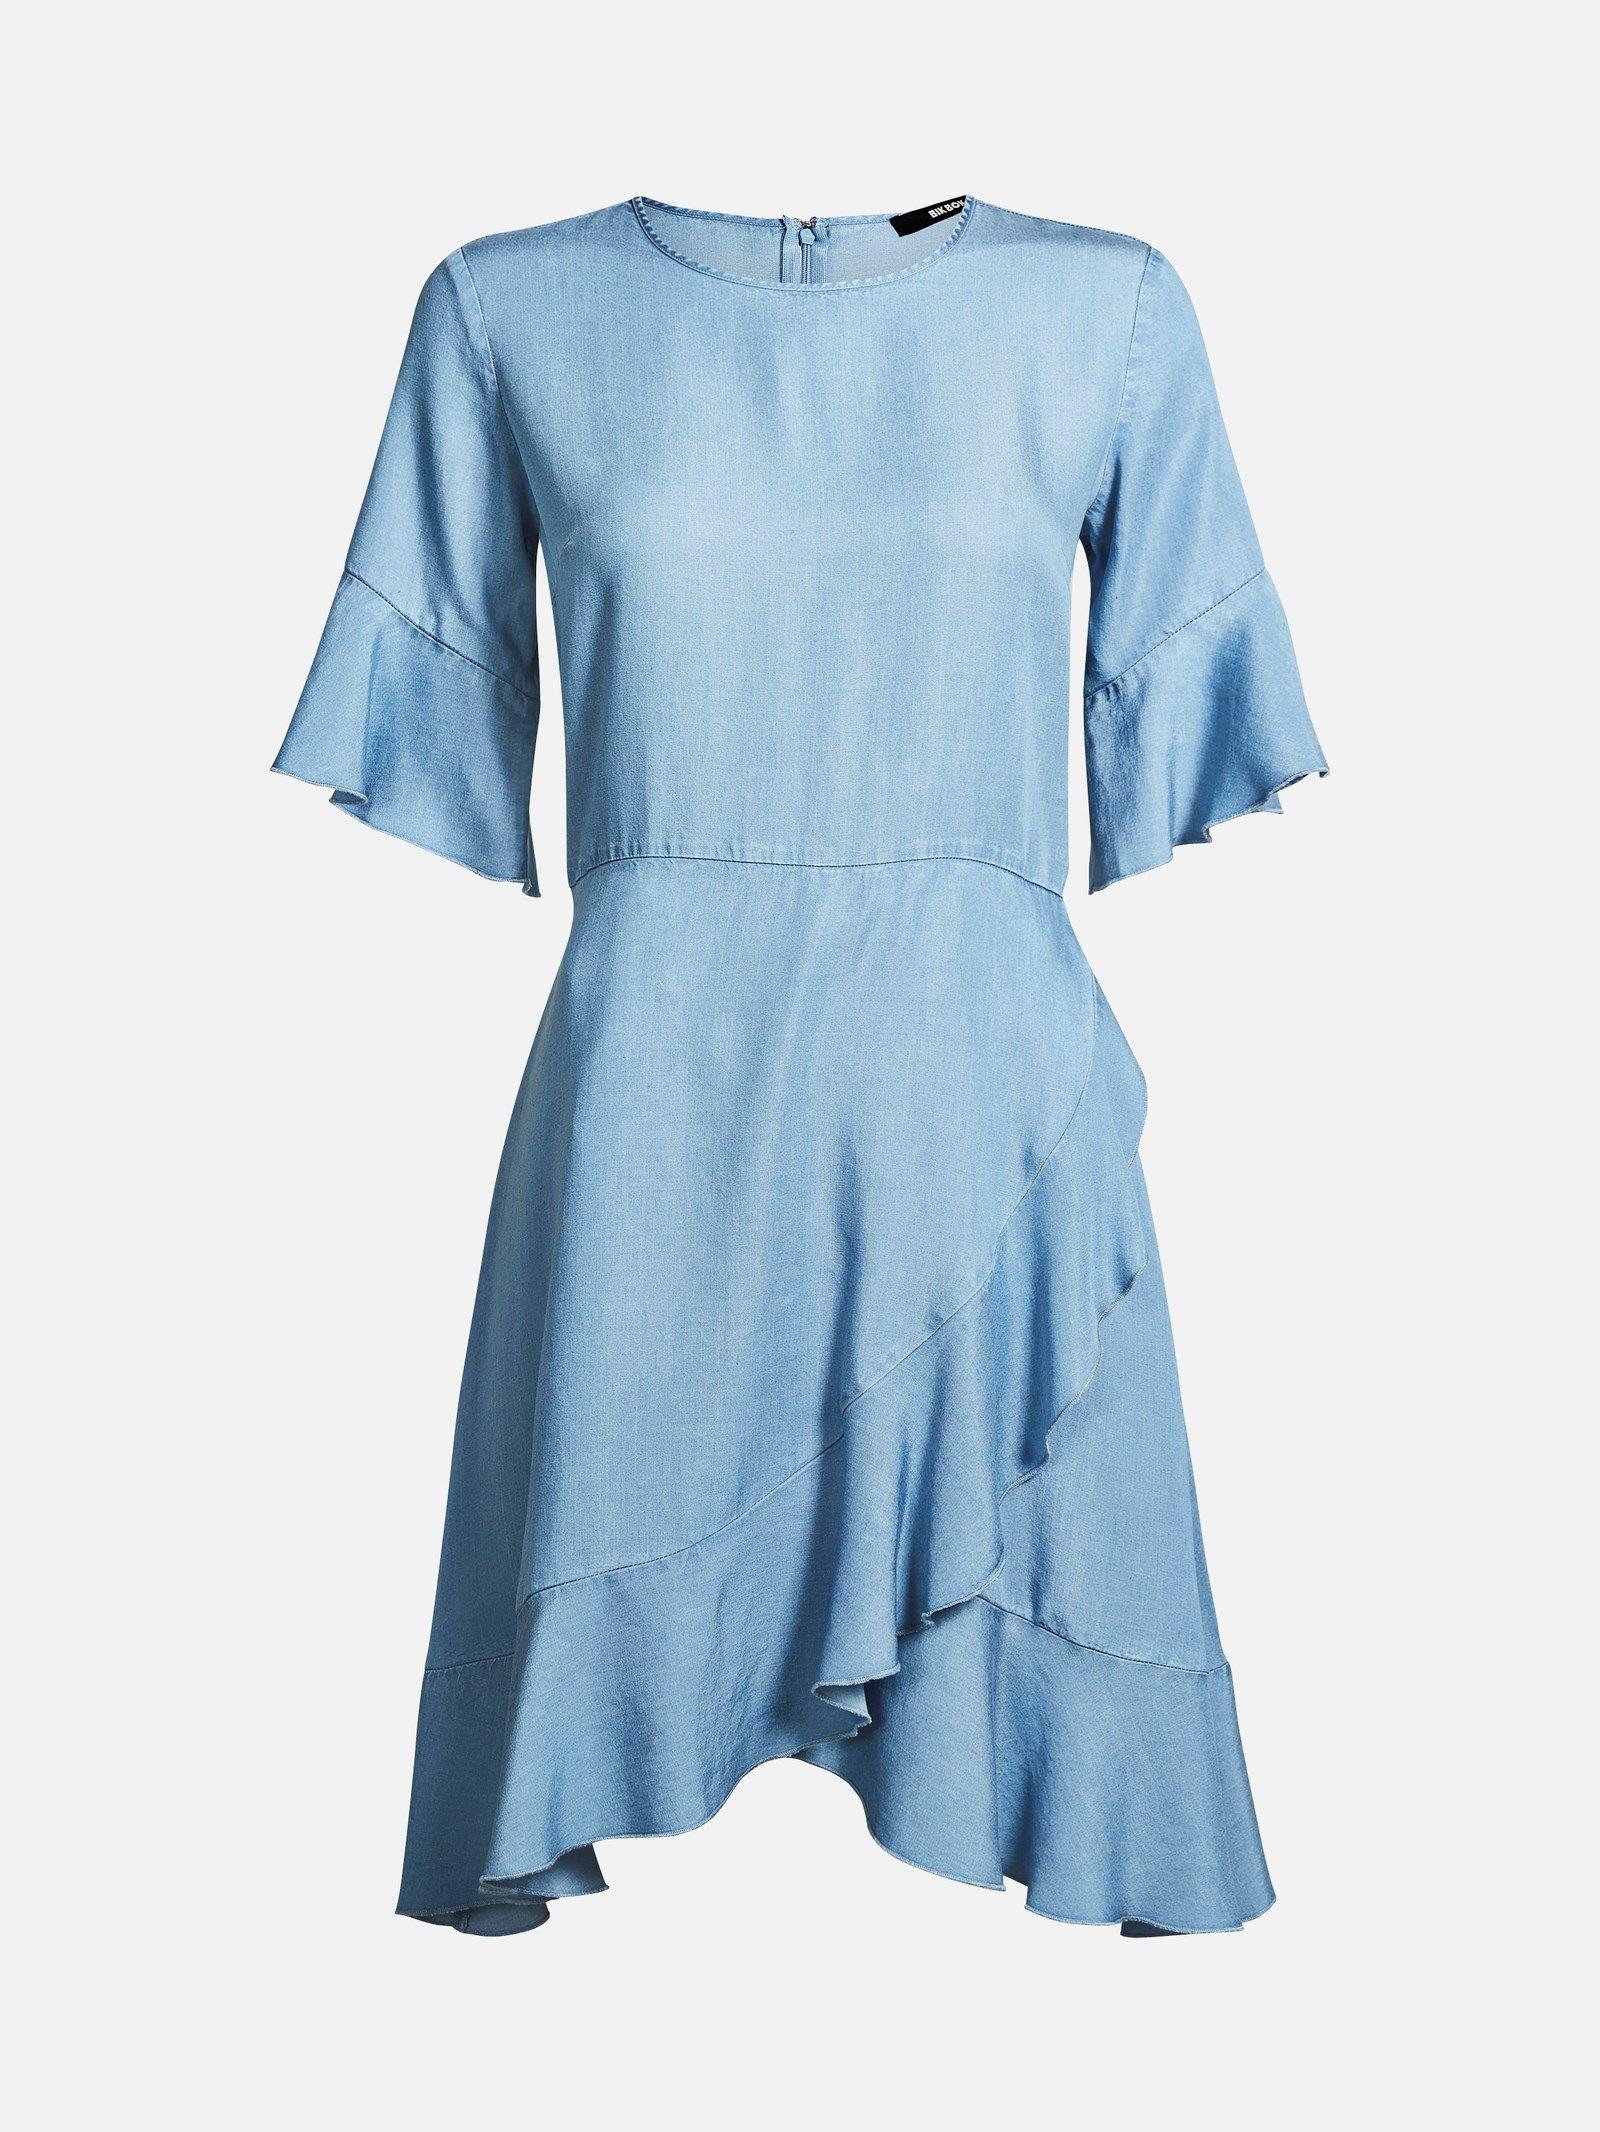 Chambrey denim kjole med volangkanter og knytebelte i ryggen. Kjolen har glidelås i ryggen og den rekker til knærne.  Lys blå